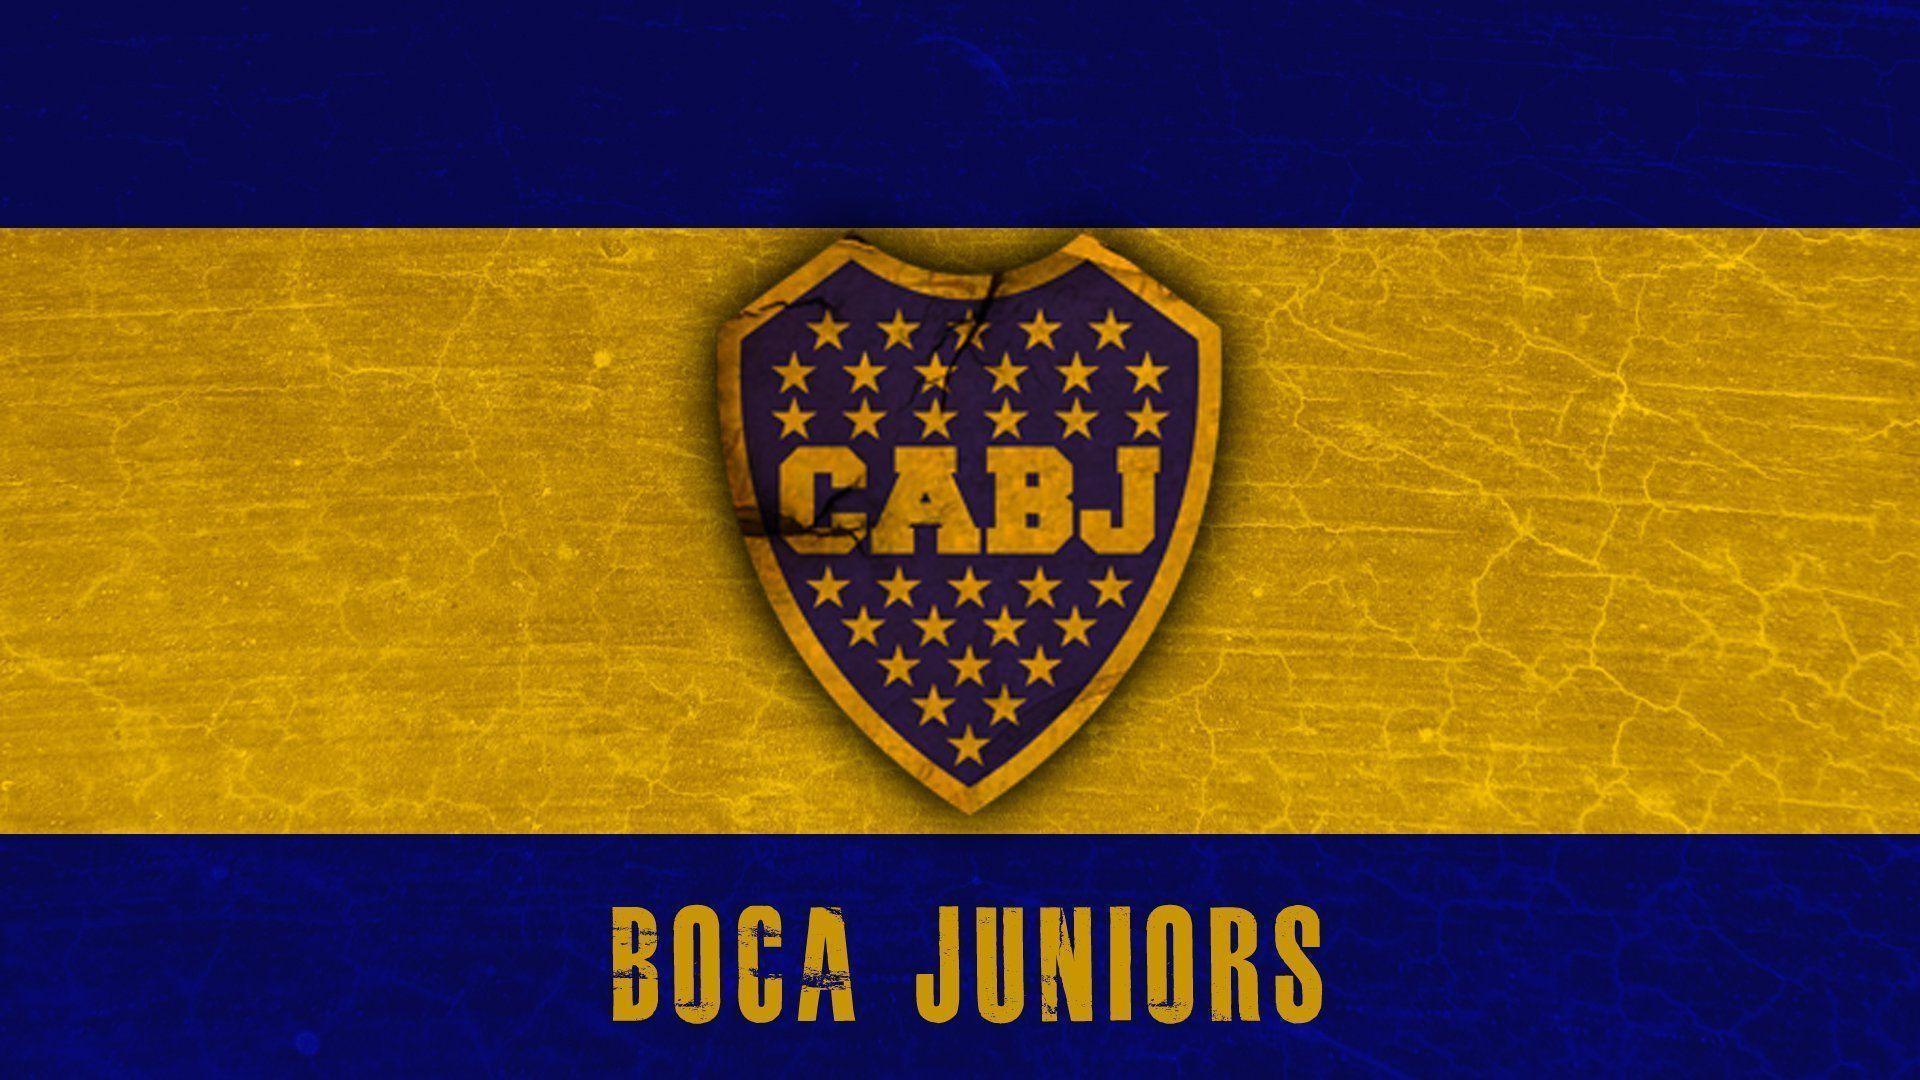 Boca Juniors Wallpapers ·① WallpaperTag